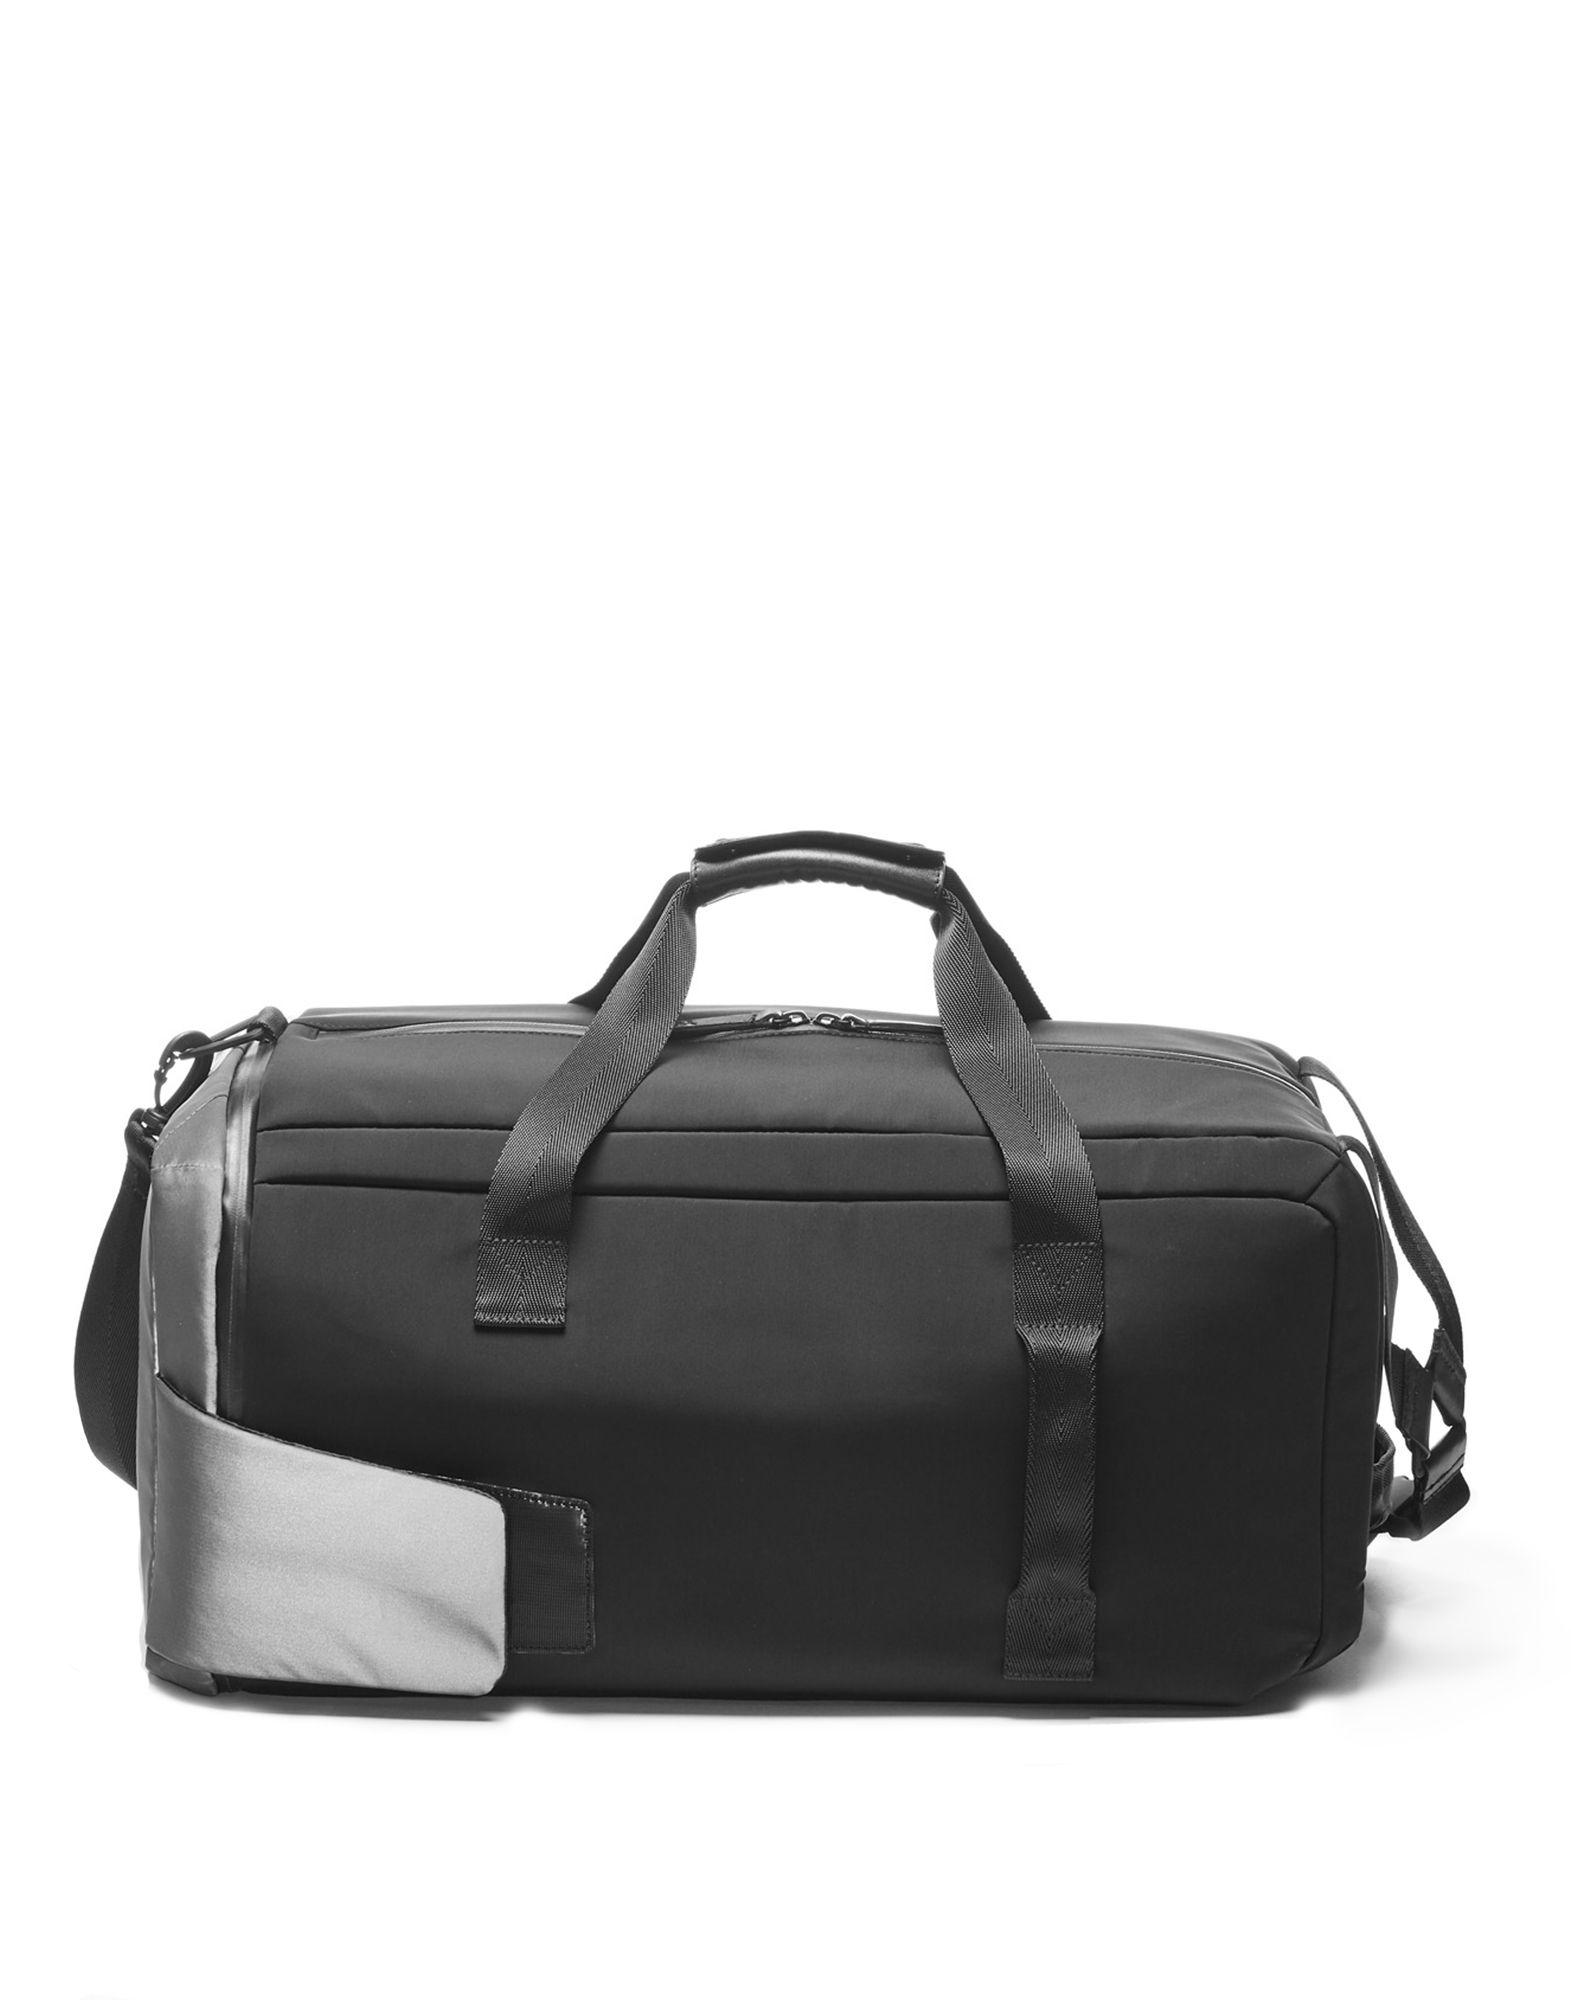 Y-3 SPORT GYMBAG BAGS unisex Y-3 adidas